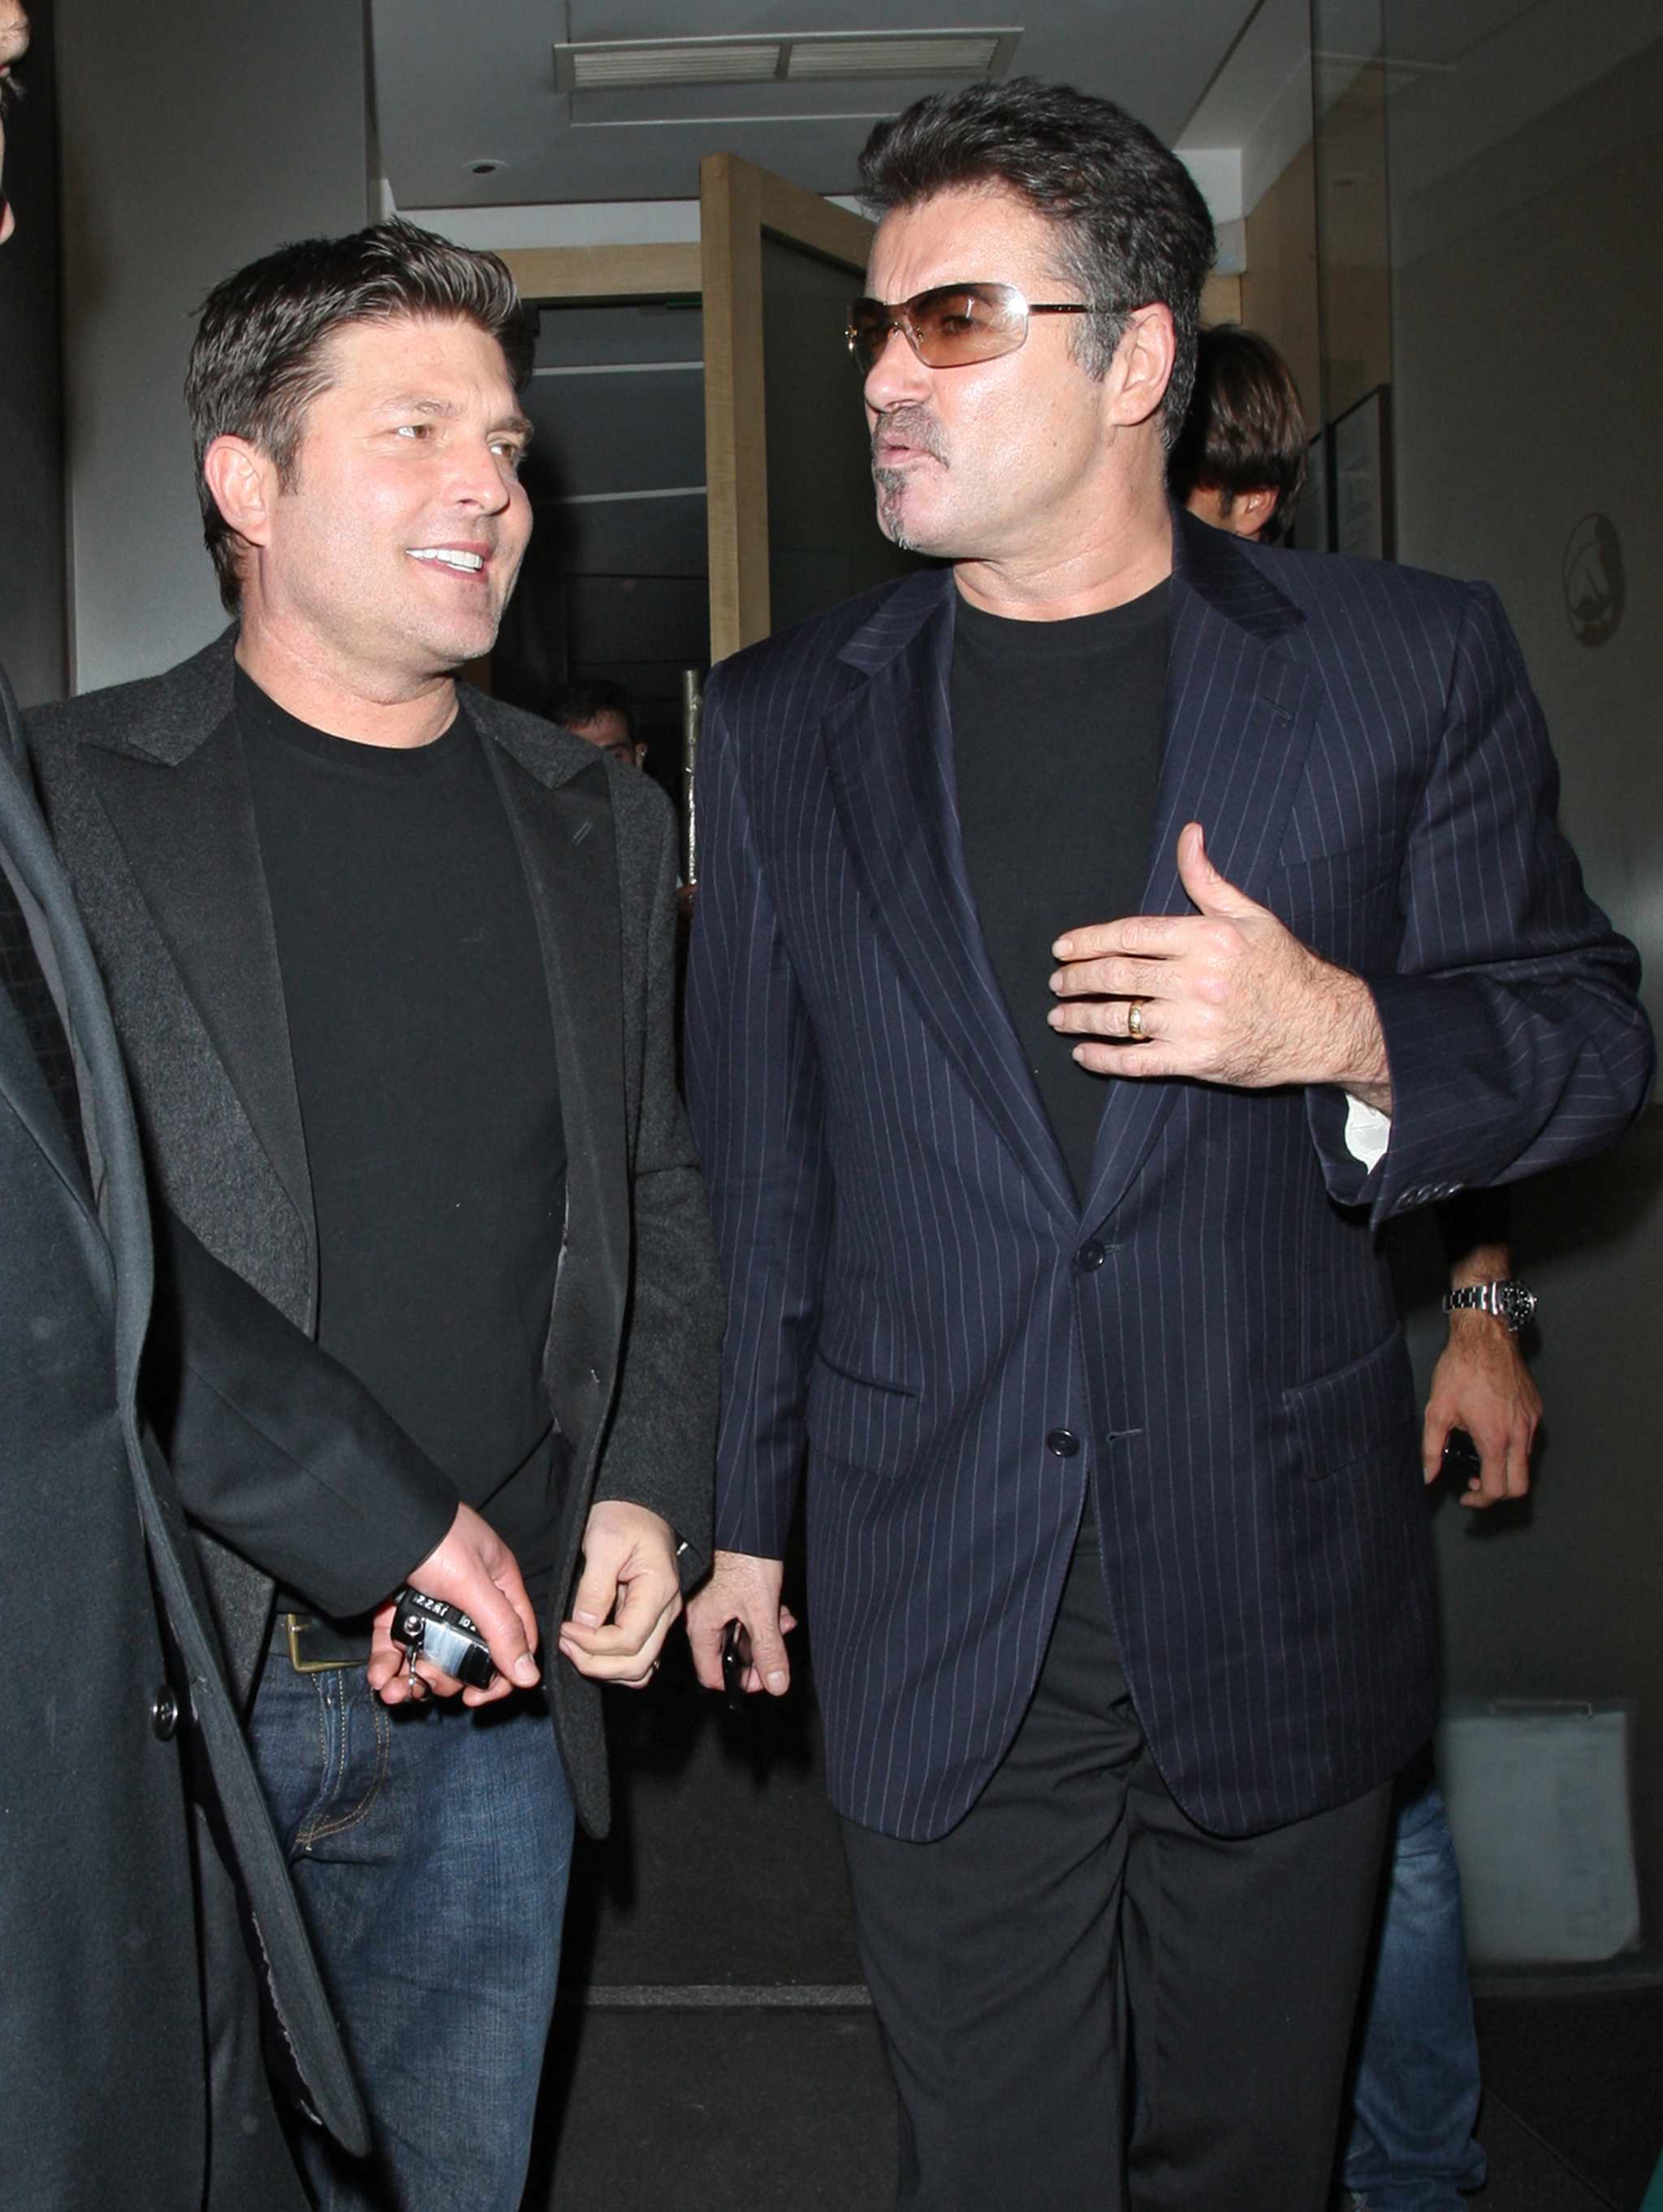 Kenny Goss y George Michael, en una imagen de 2009, cuando aún eran pareja.